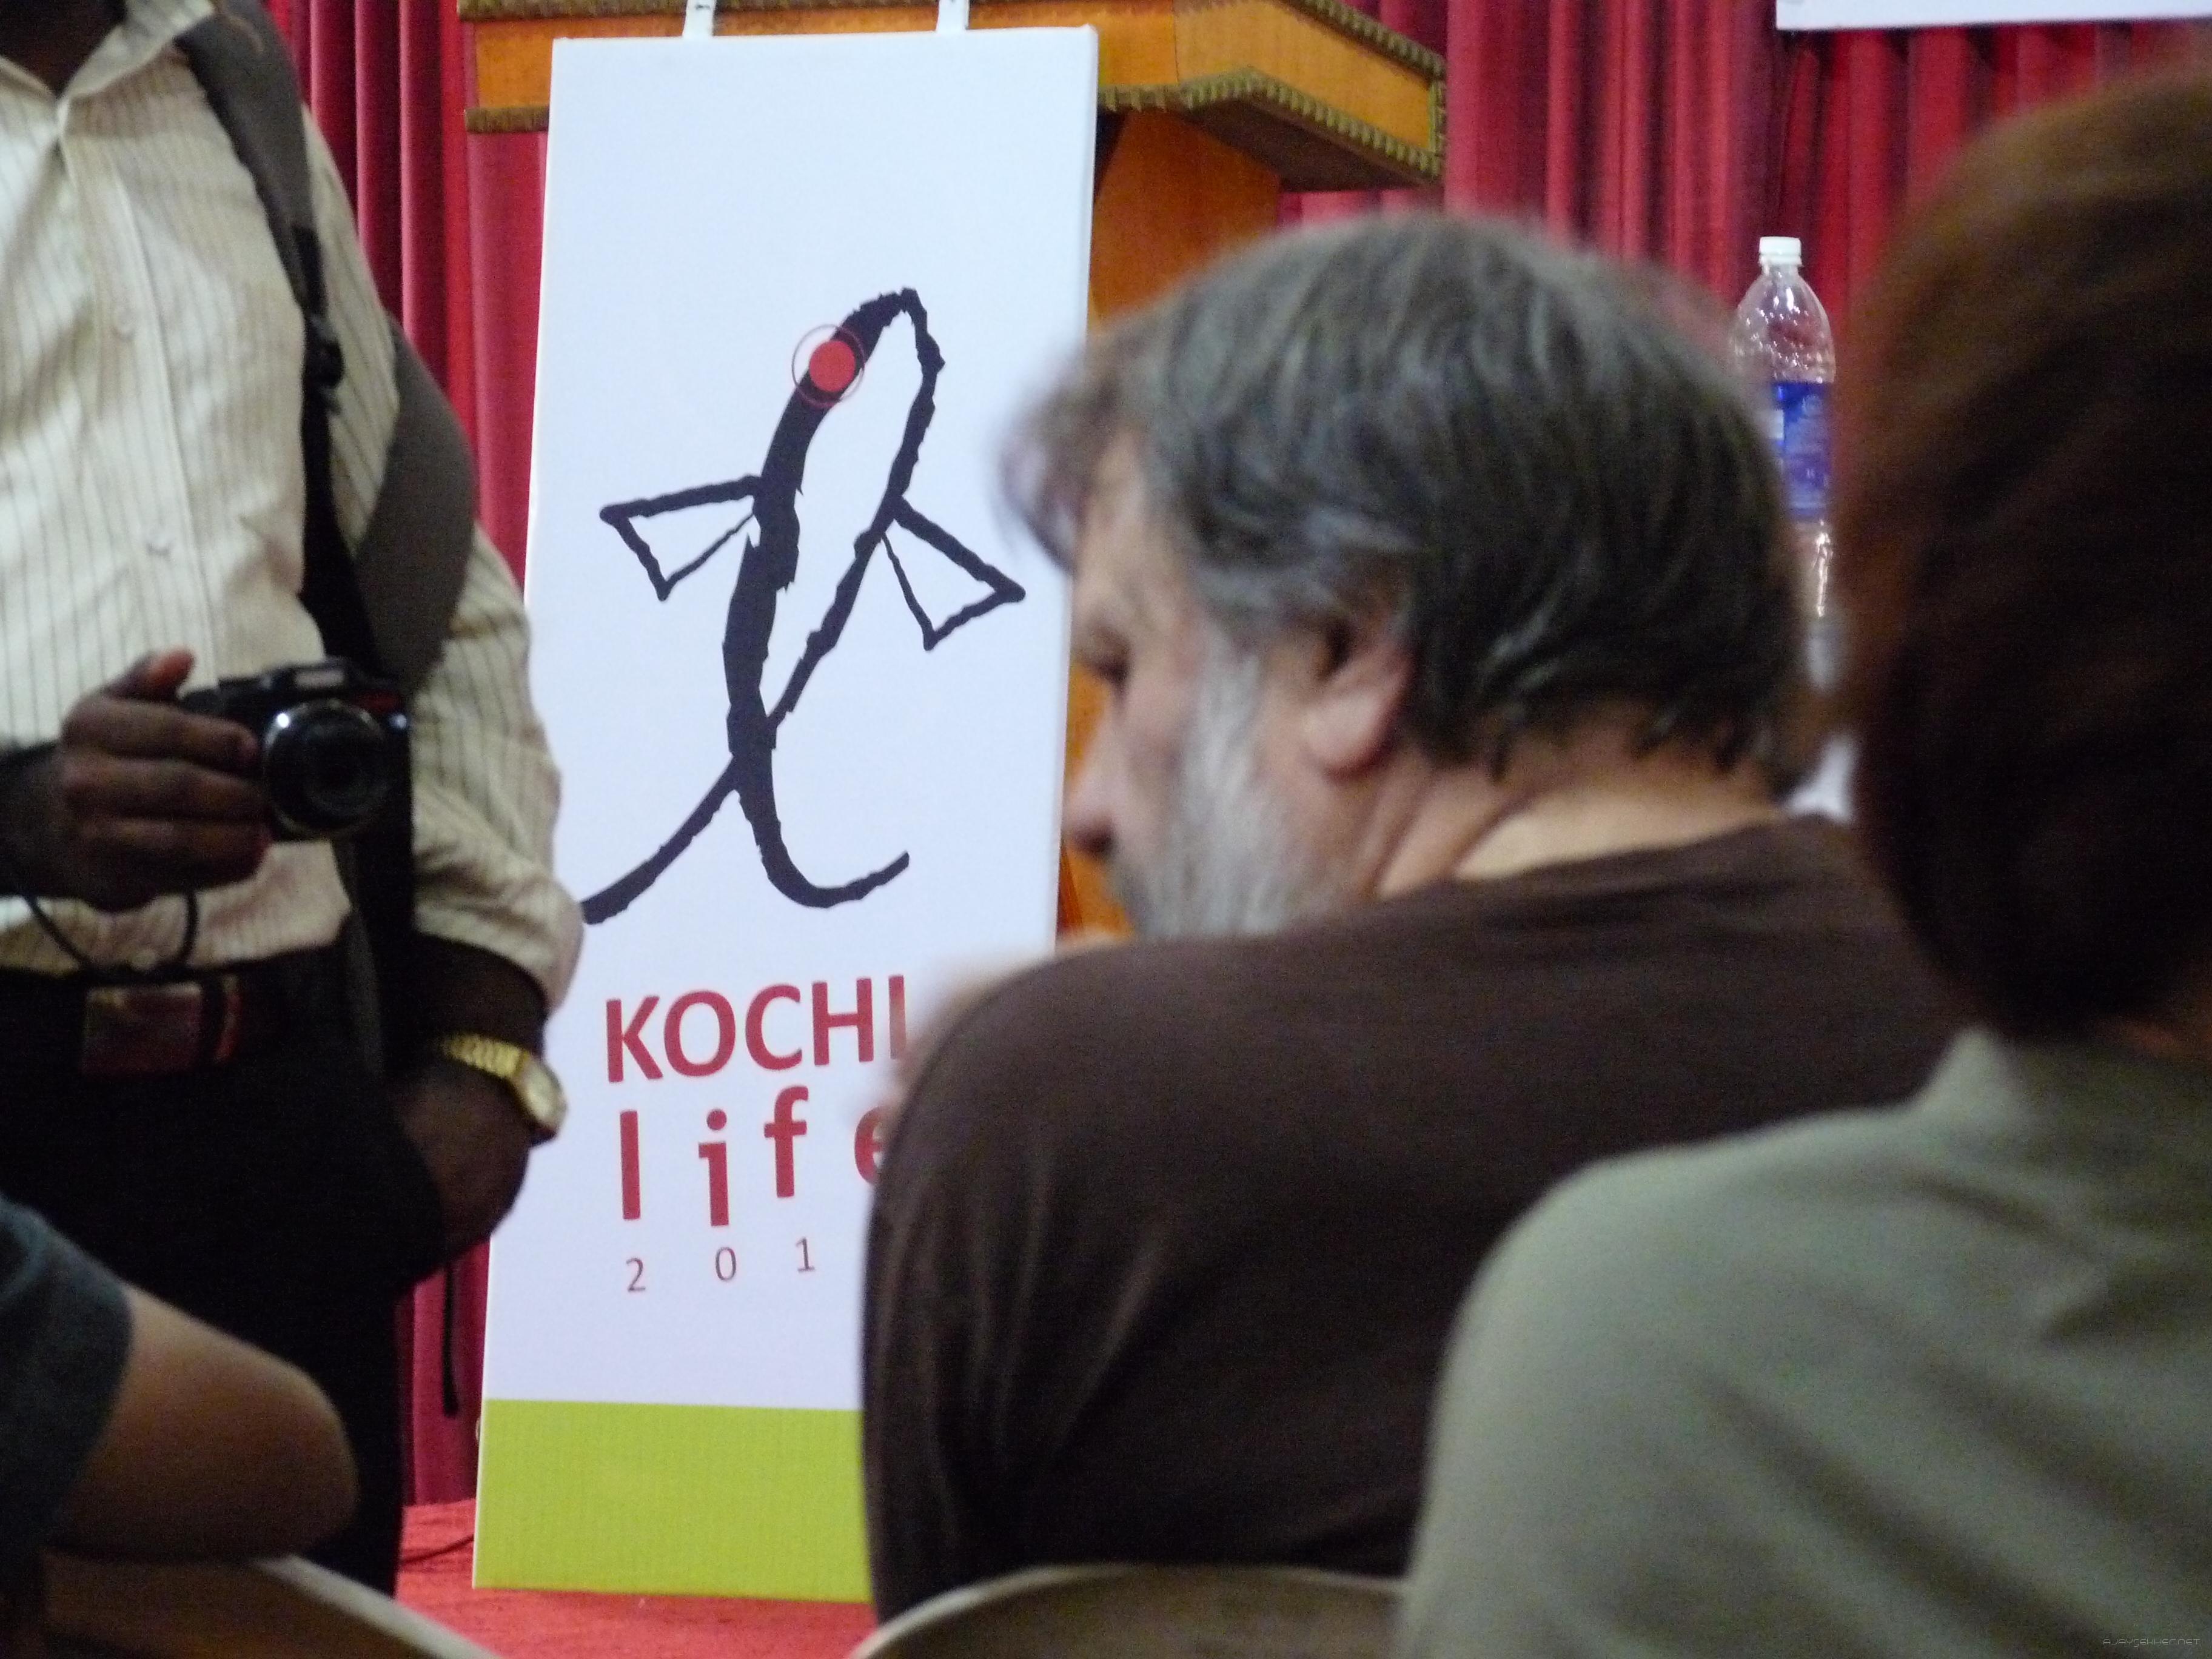 Zizek listens to Kochi Life